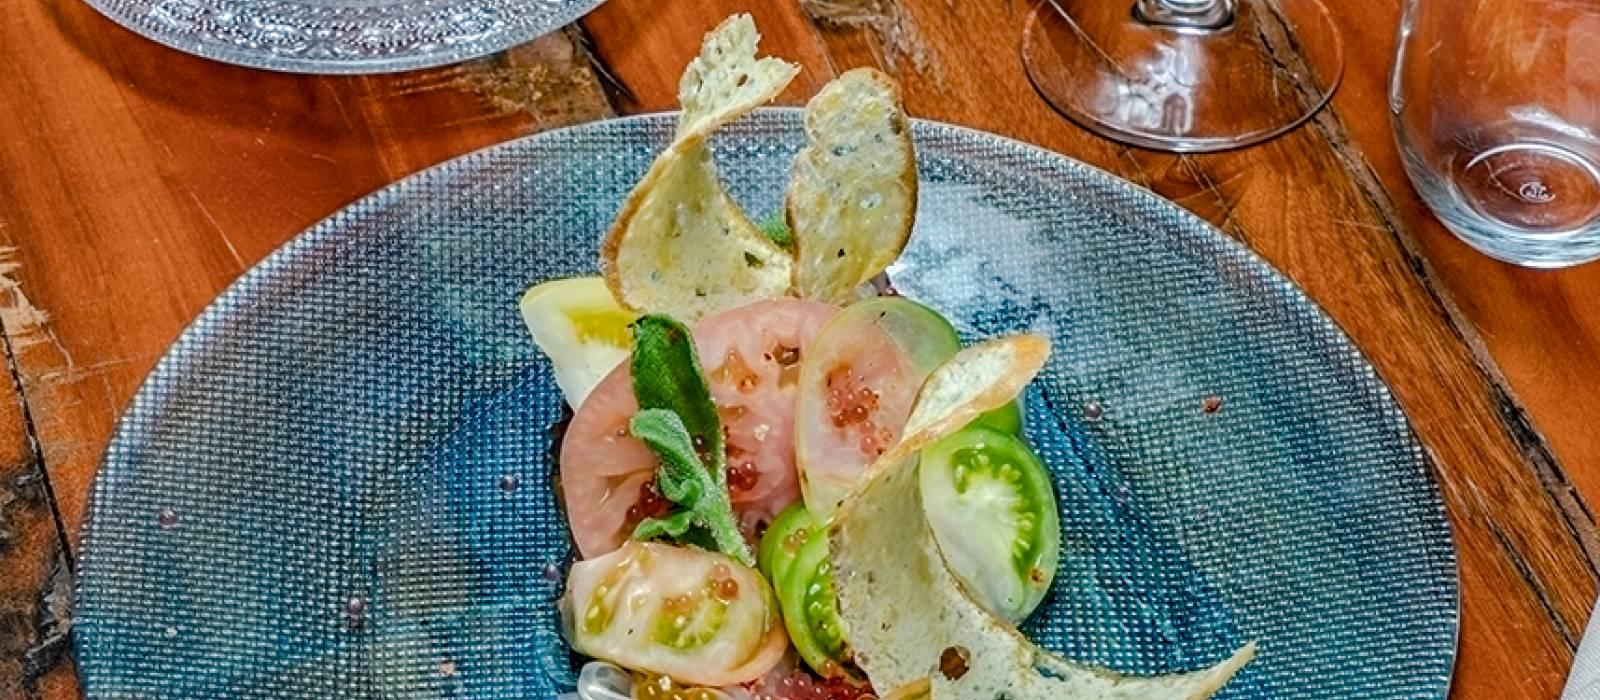 Restaurant Entremuros - Vincci Selección Posada del Patio